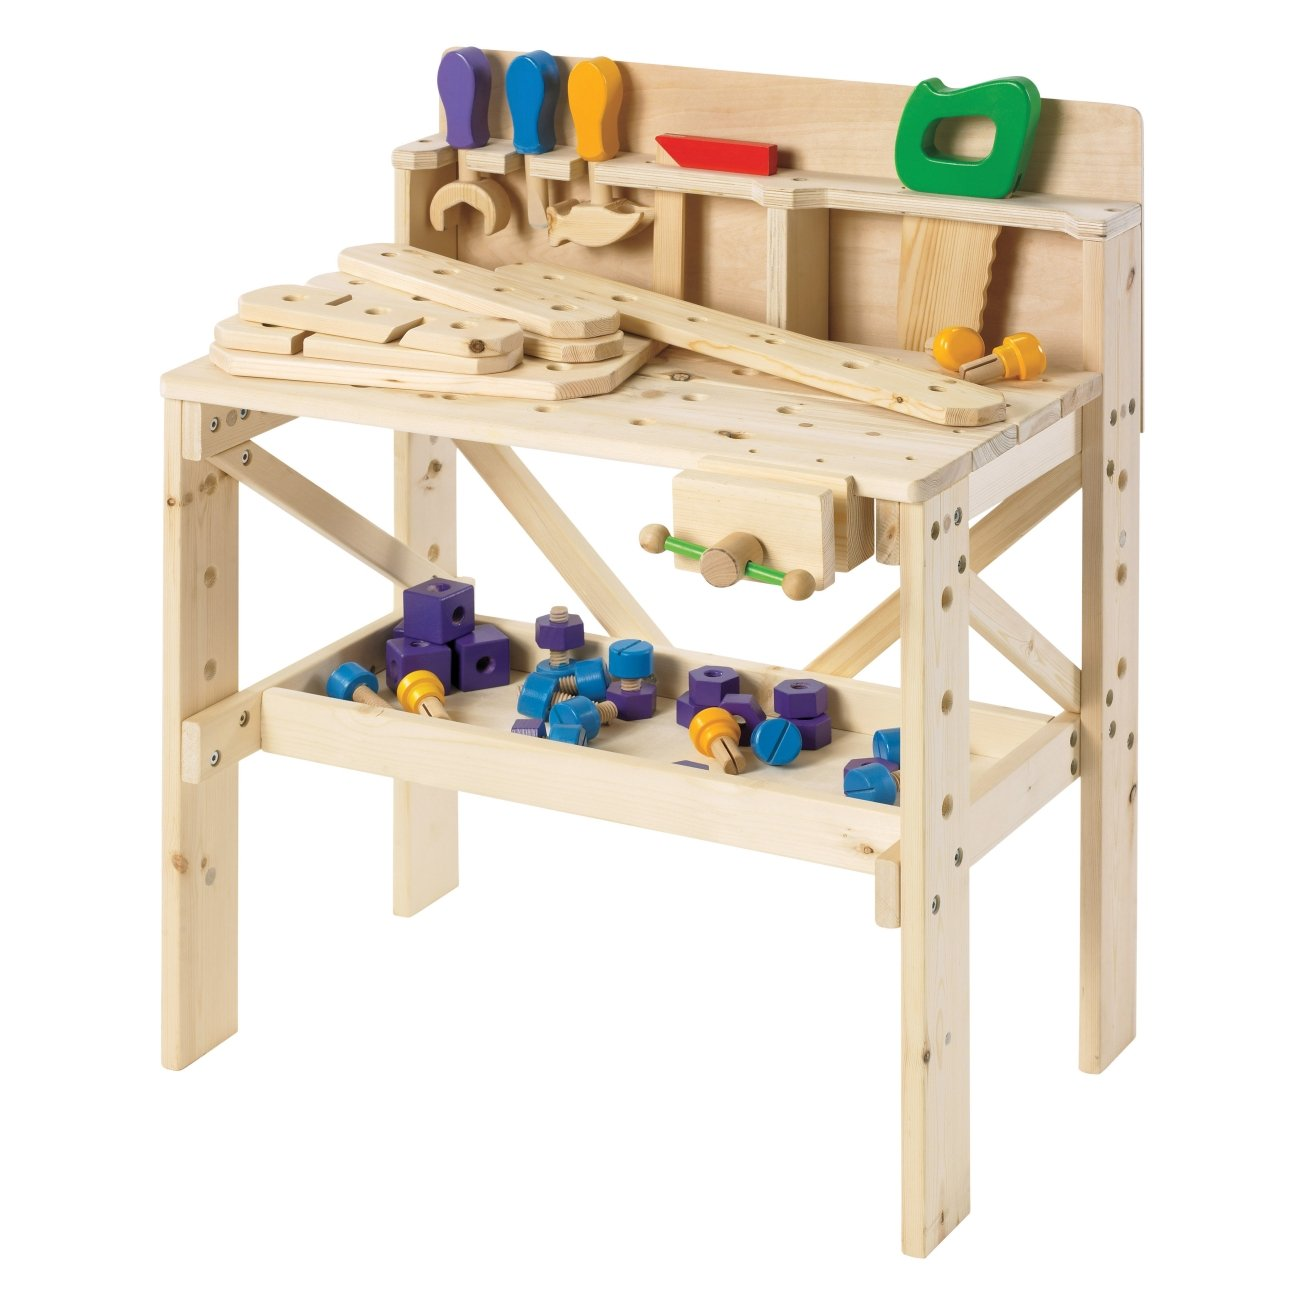 Купить игрушки для творчества и рукоделия в интернет магазине 83